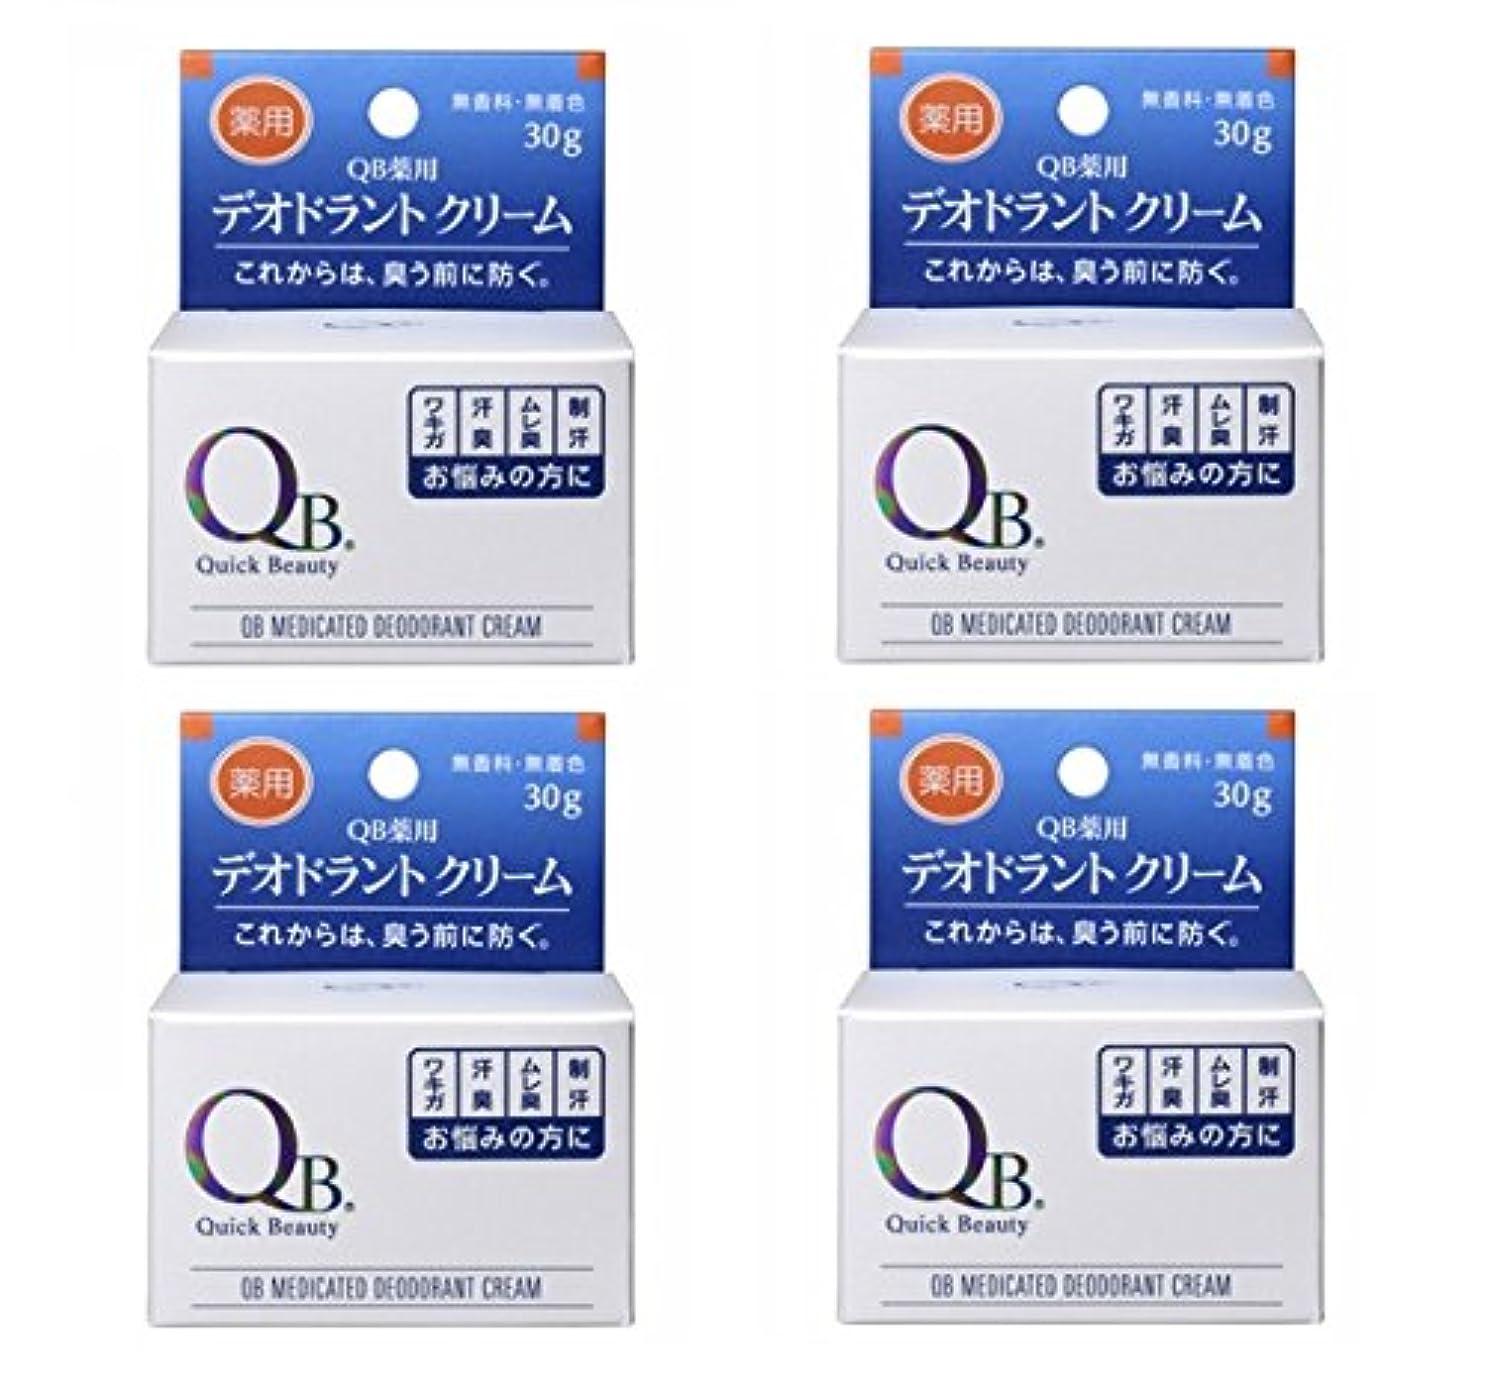 軍隊魅力的朝ごはん【×4個】 QB 薬用デオドラントクリーム 30g 【国内正規品】